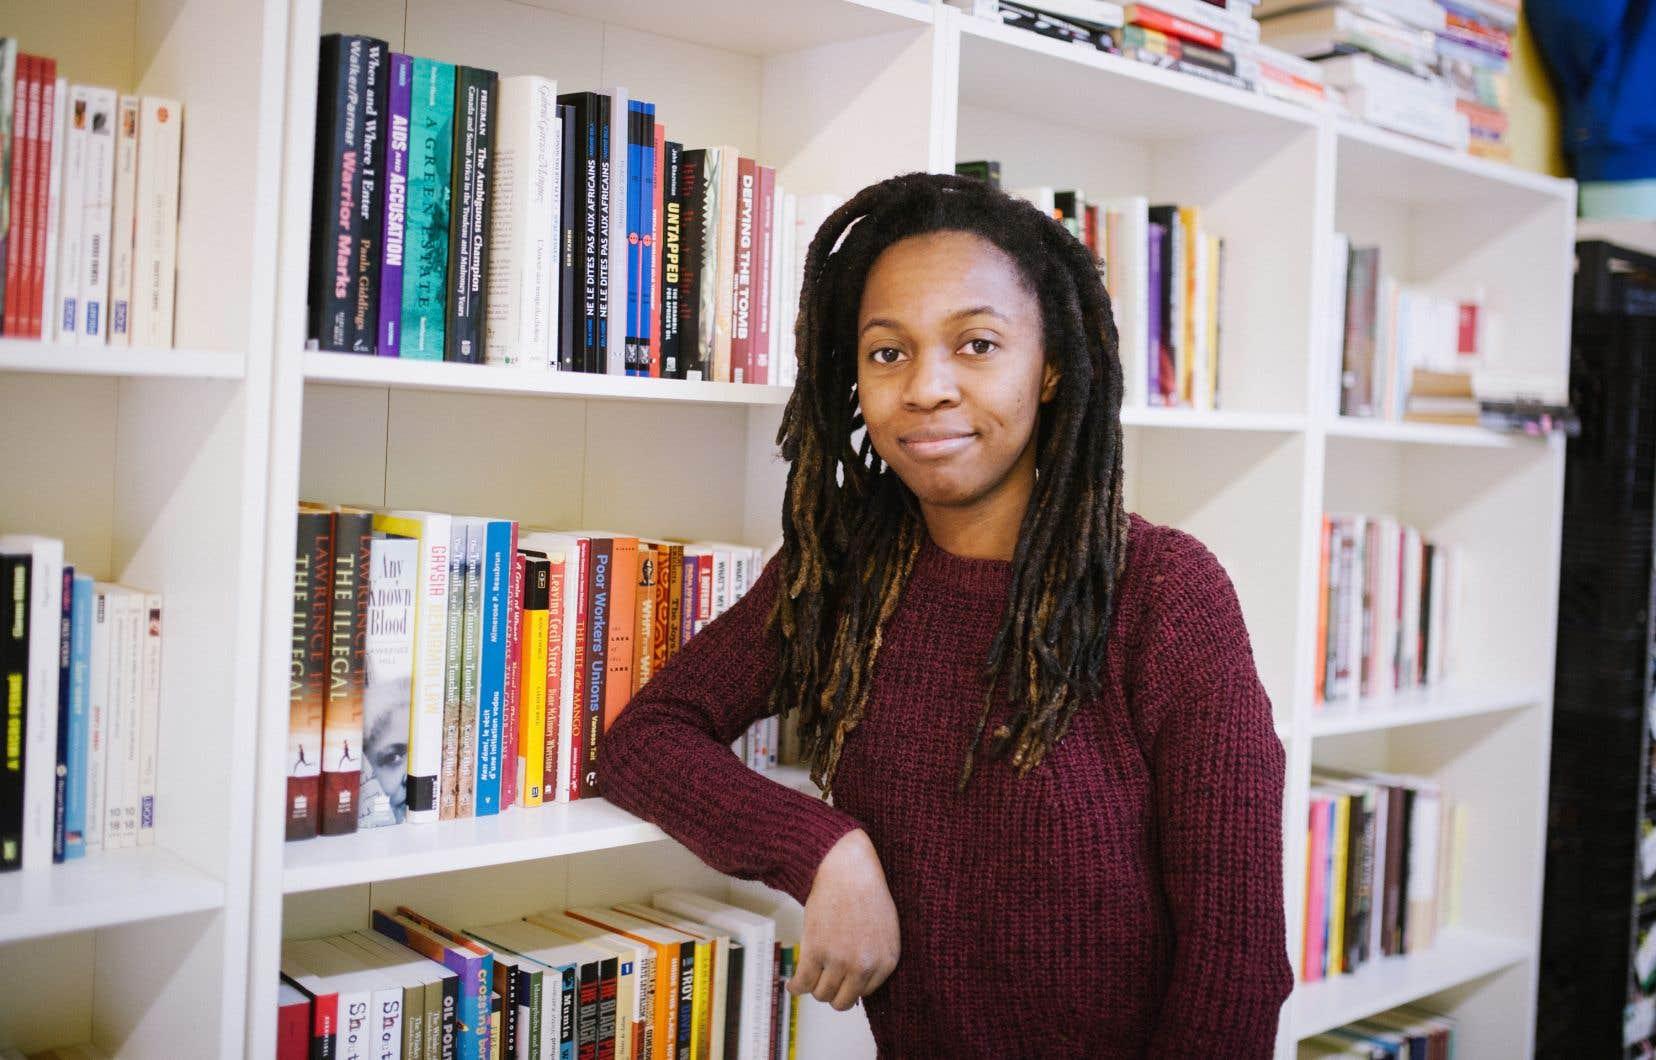 Au moment d'ouvrir sa librairie, Gabriella Garbeau a procédé par sociofinancement, mais aussi en invitant les gens à partager des livres écrits par des personnes racisées qui les avaient marqués.